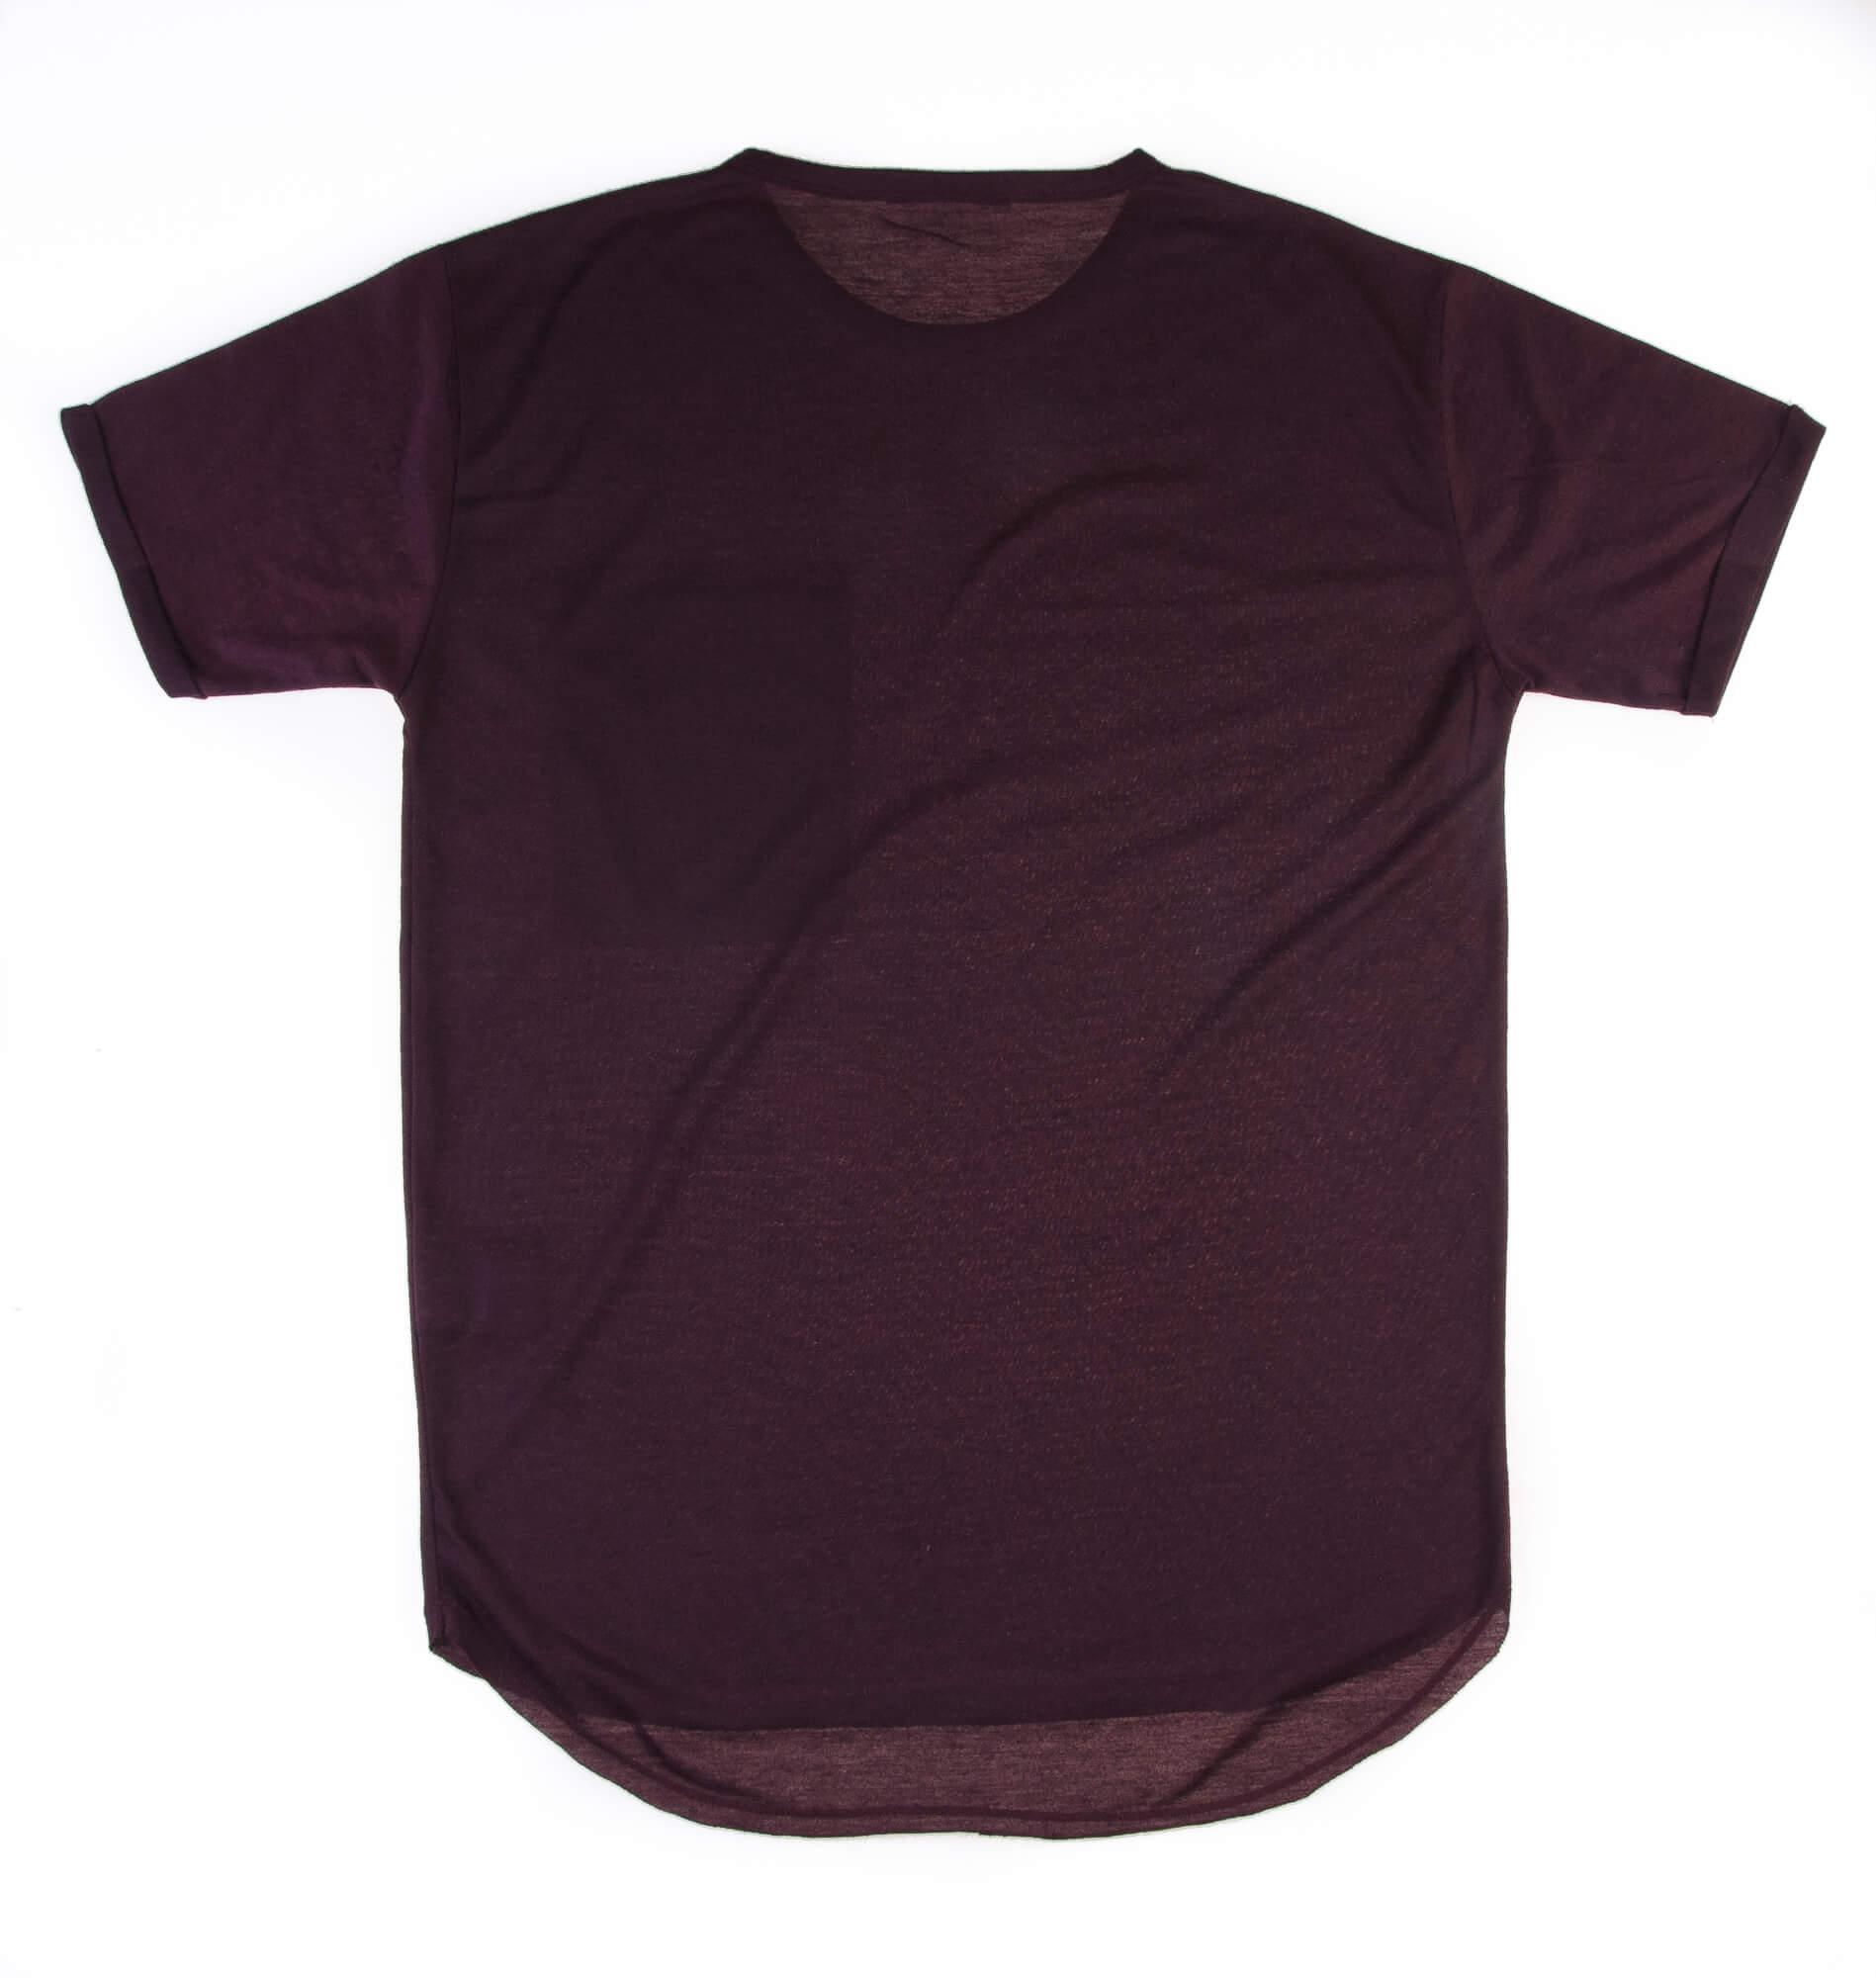 تی شرت مردانه زرشکی s1016 – PULL&BEAR